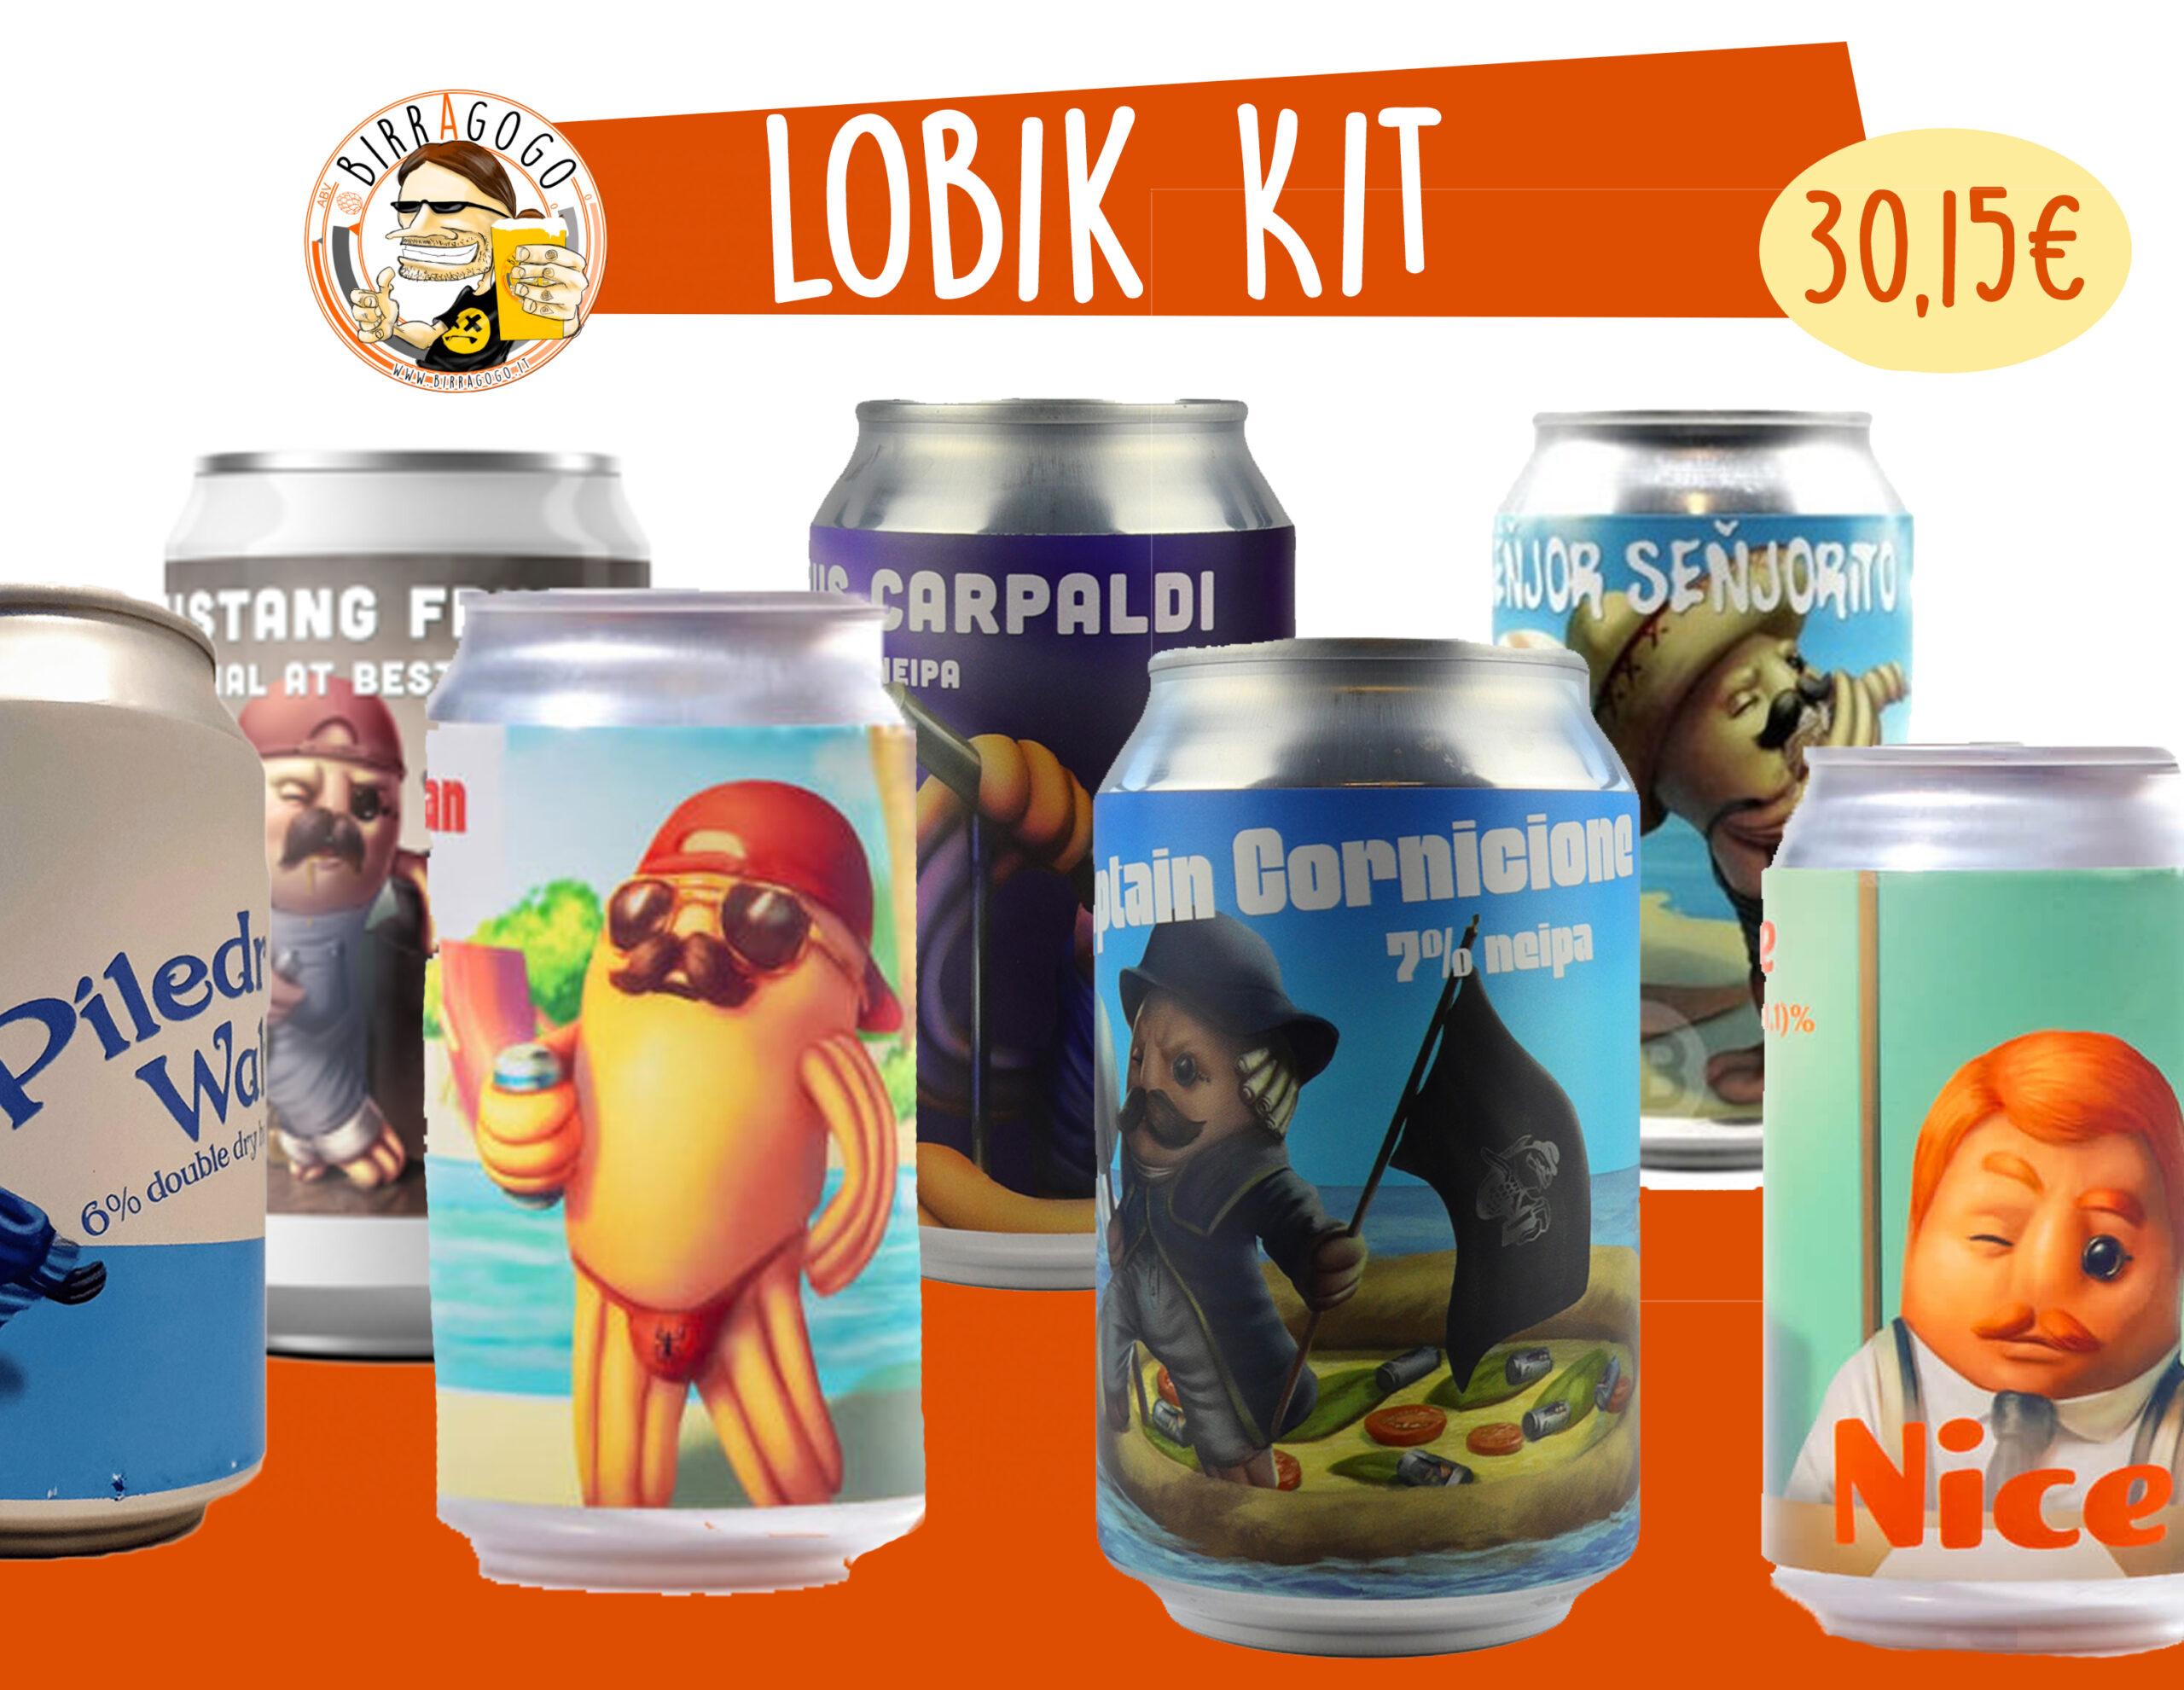 Lobik Kit